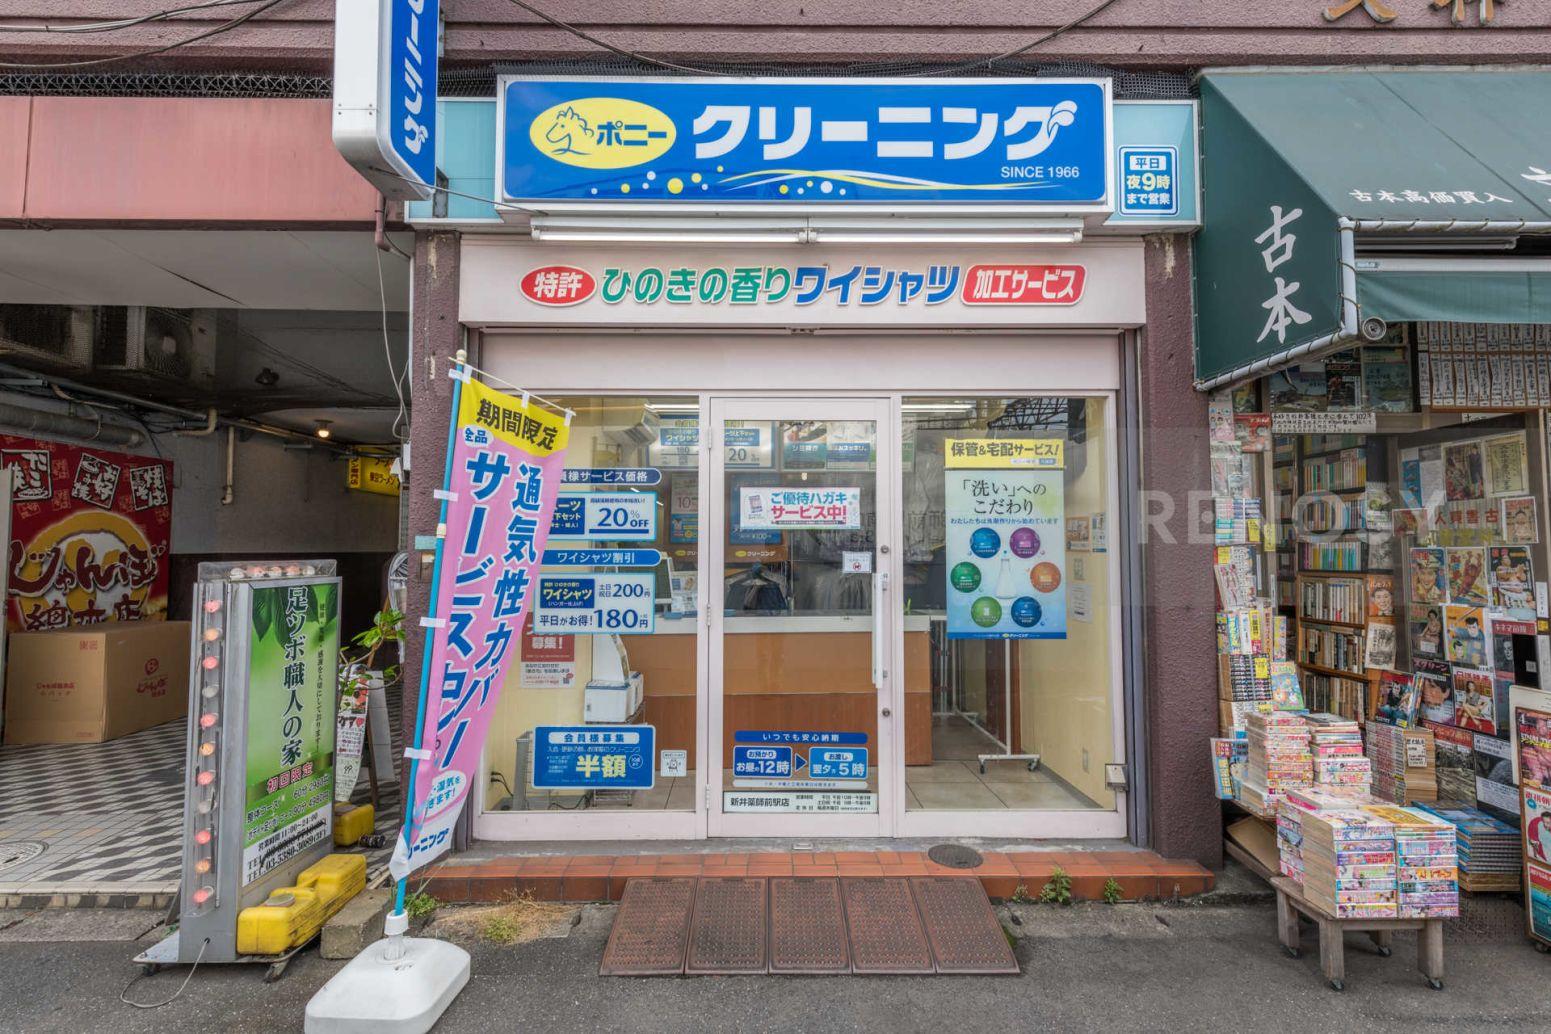 ラシード中野新井薬師